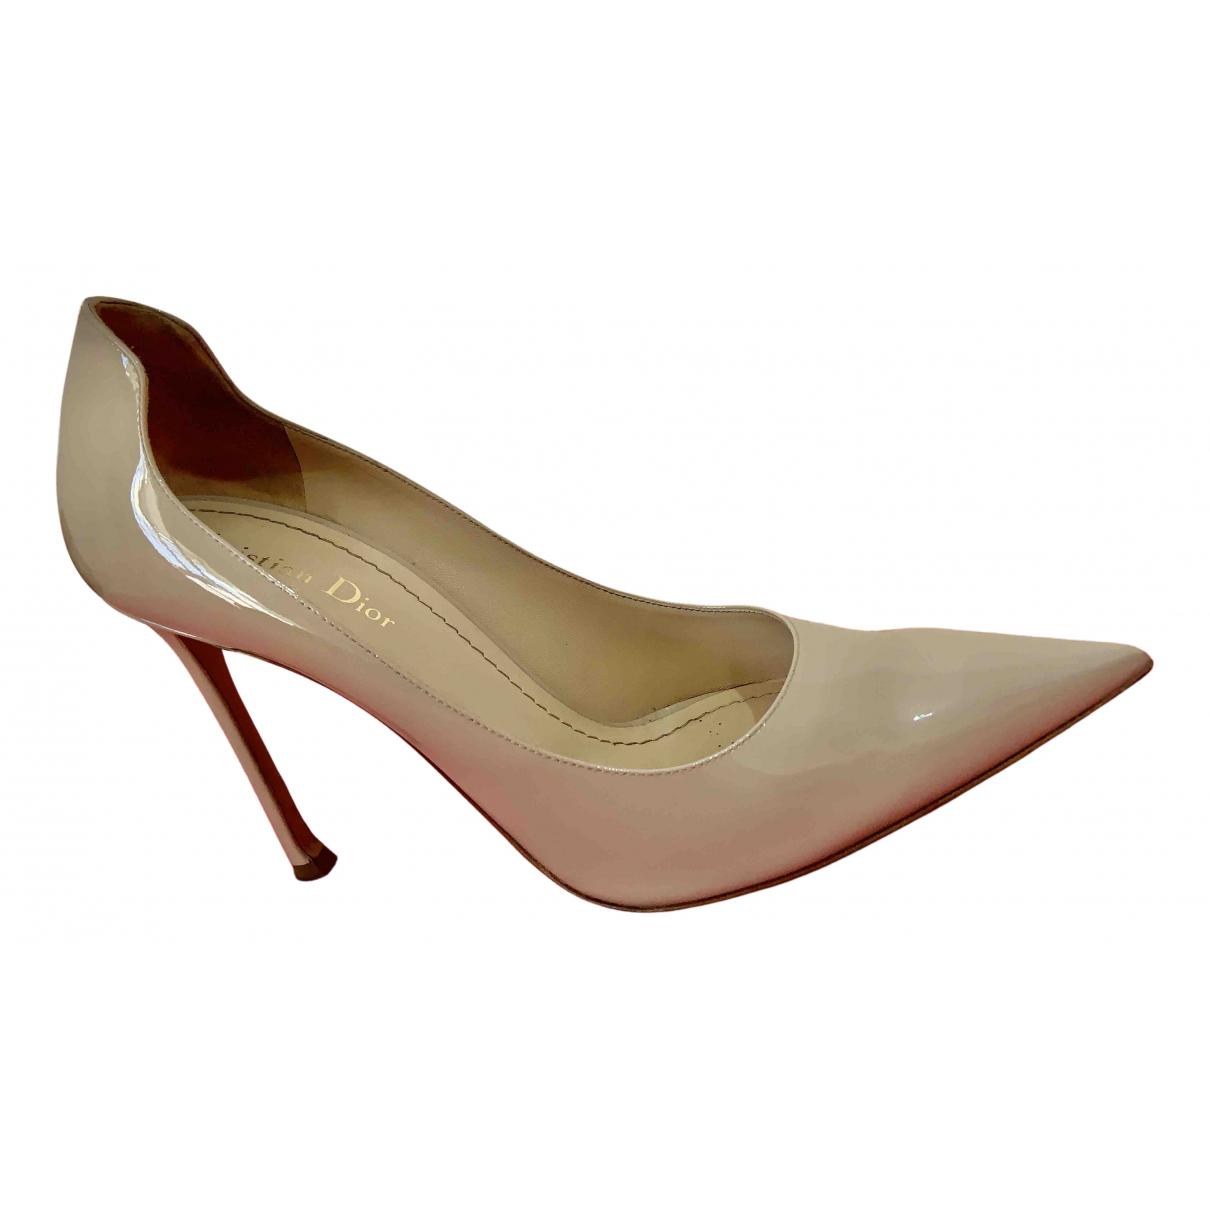 Dior - Escarpins D-Moi pour femme en cuir verni - beige